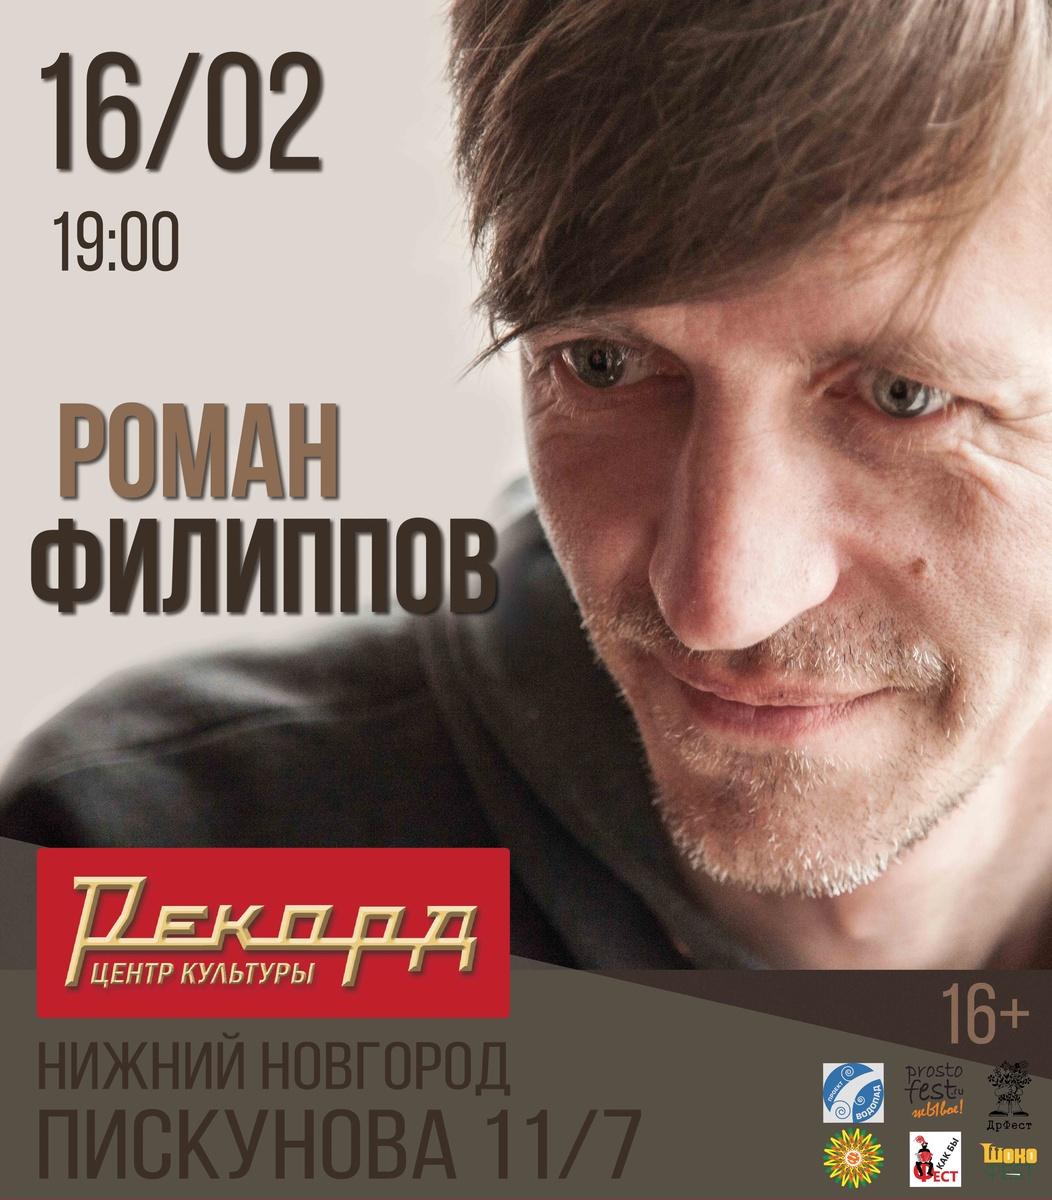 Концерт поэта и музыканта Романа Филиппова